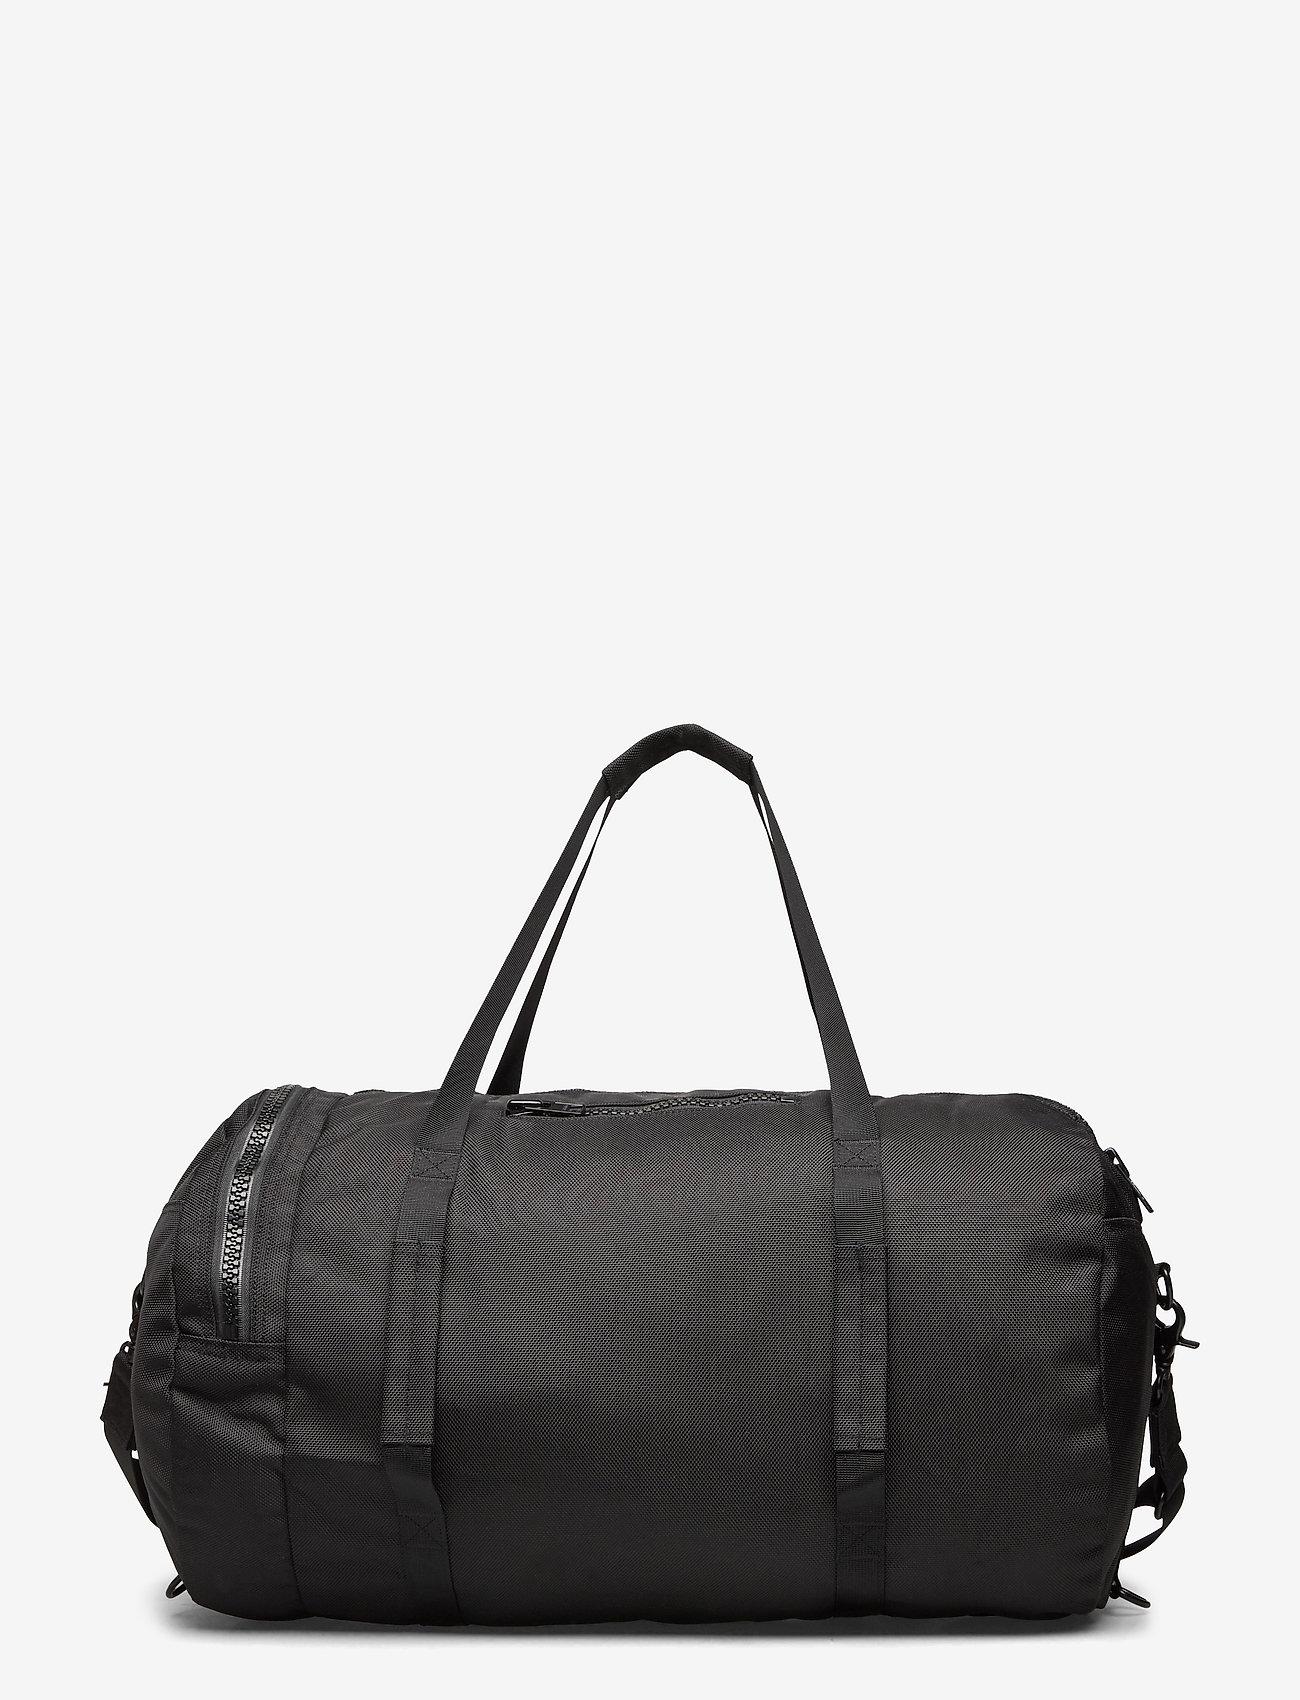 SANDQVIST - HANNES - weekend bags - black - 1